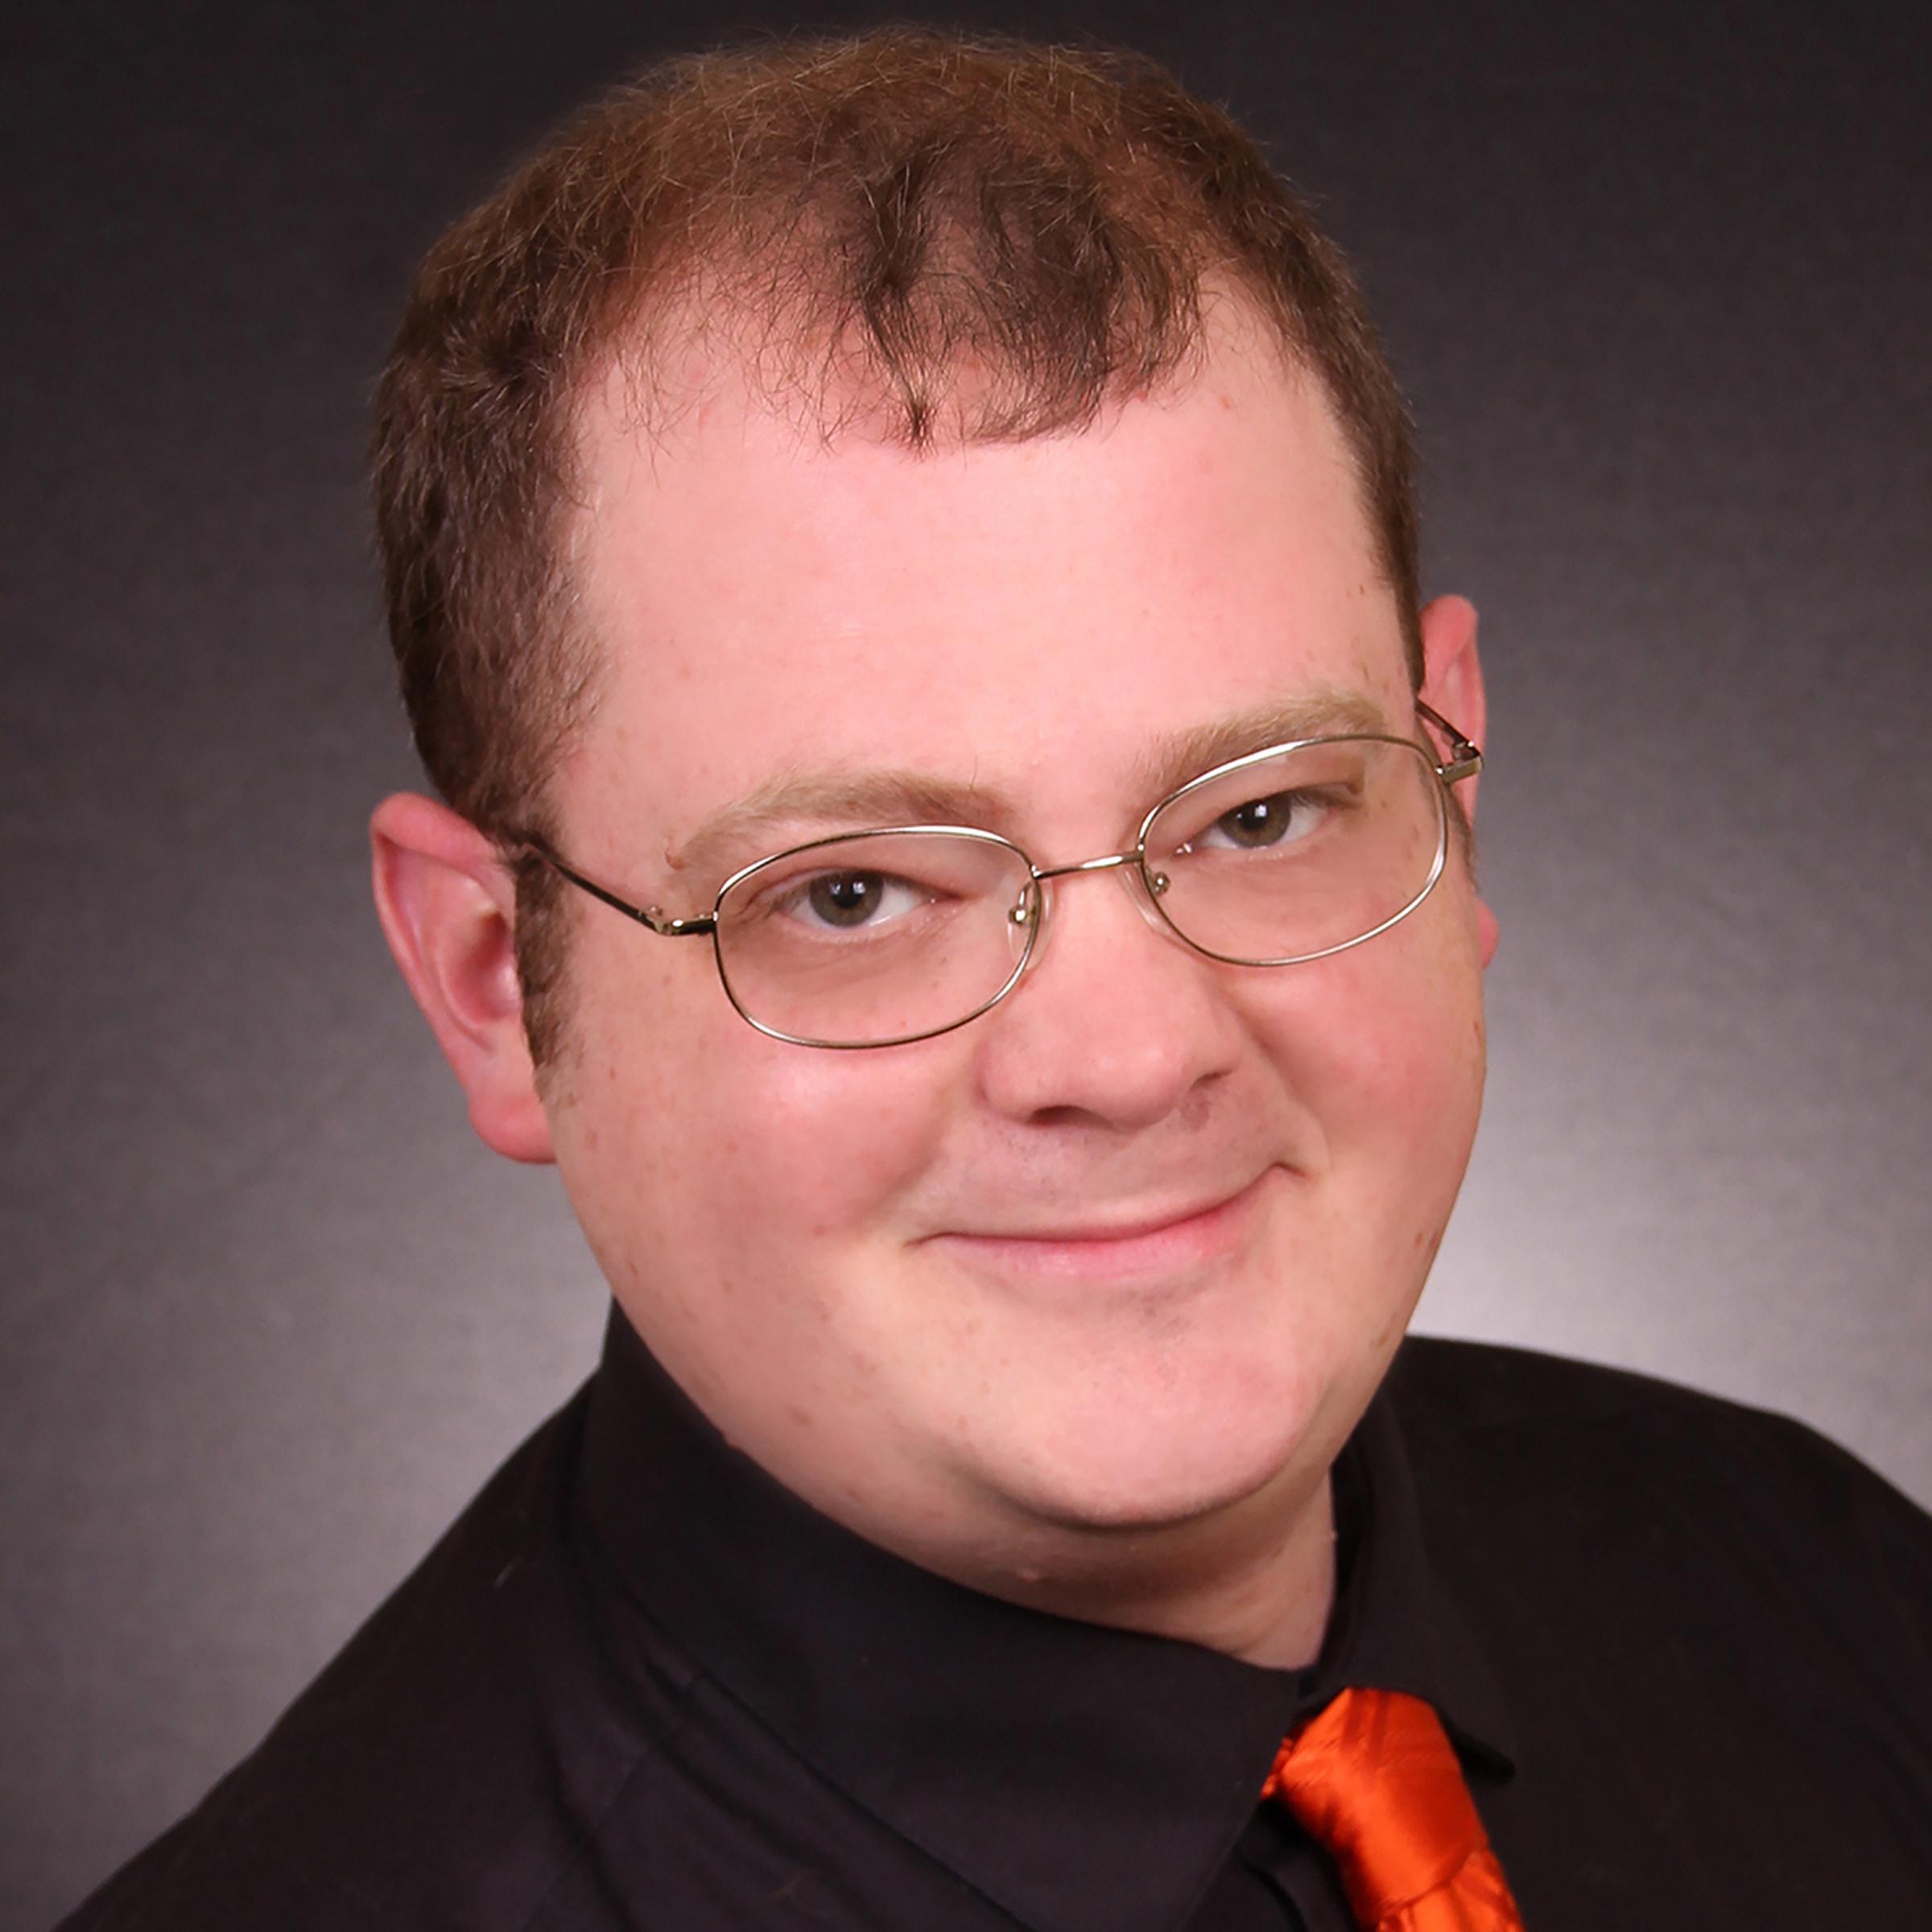 Adam Goodwin